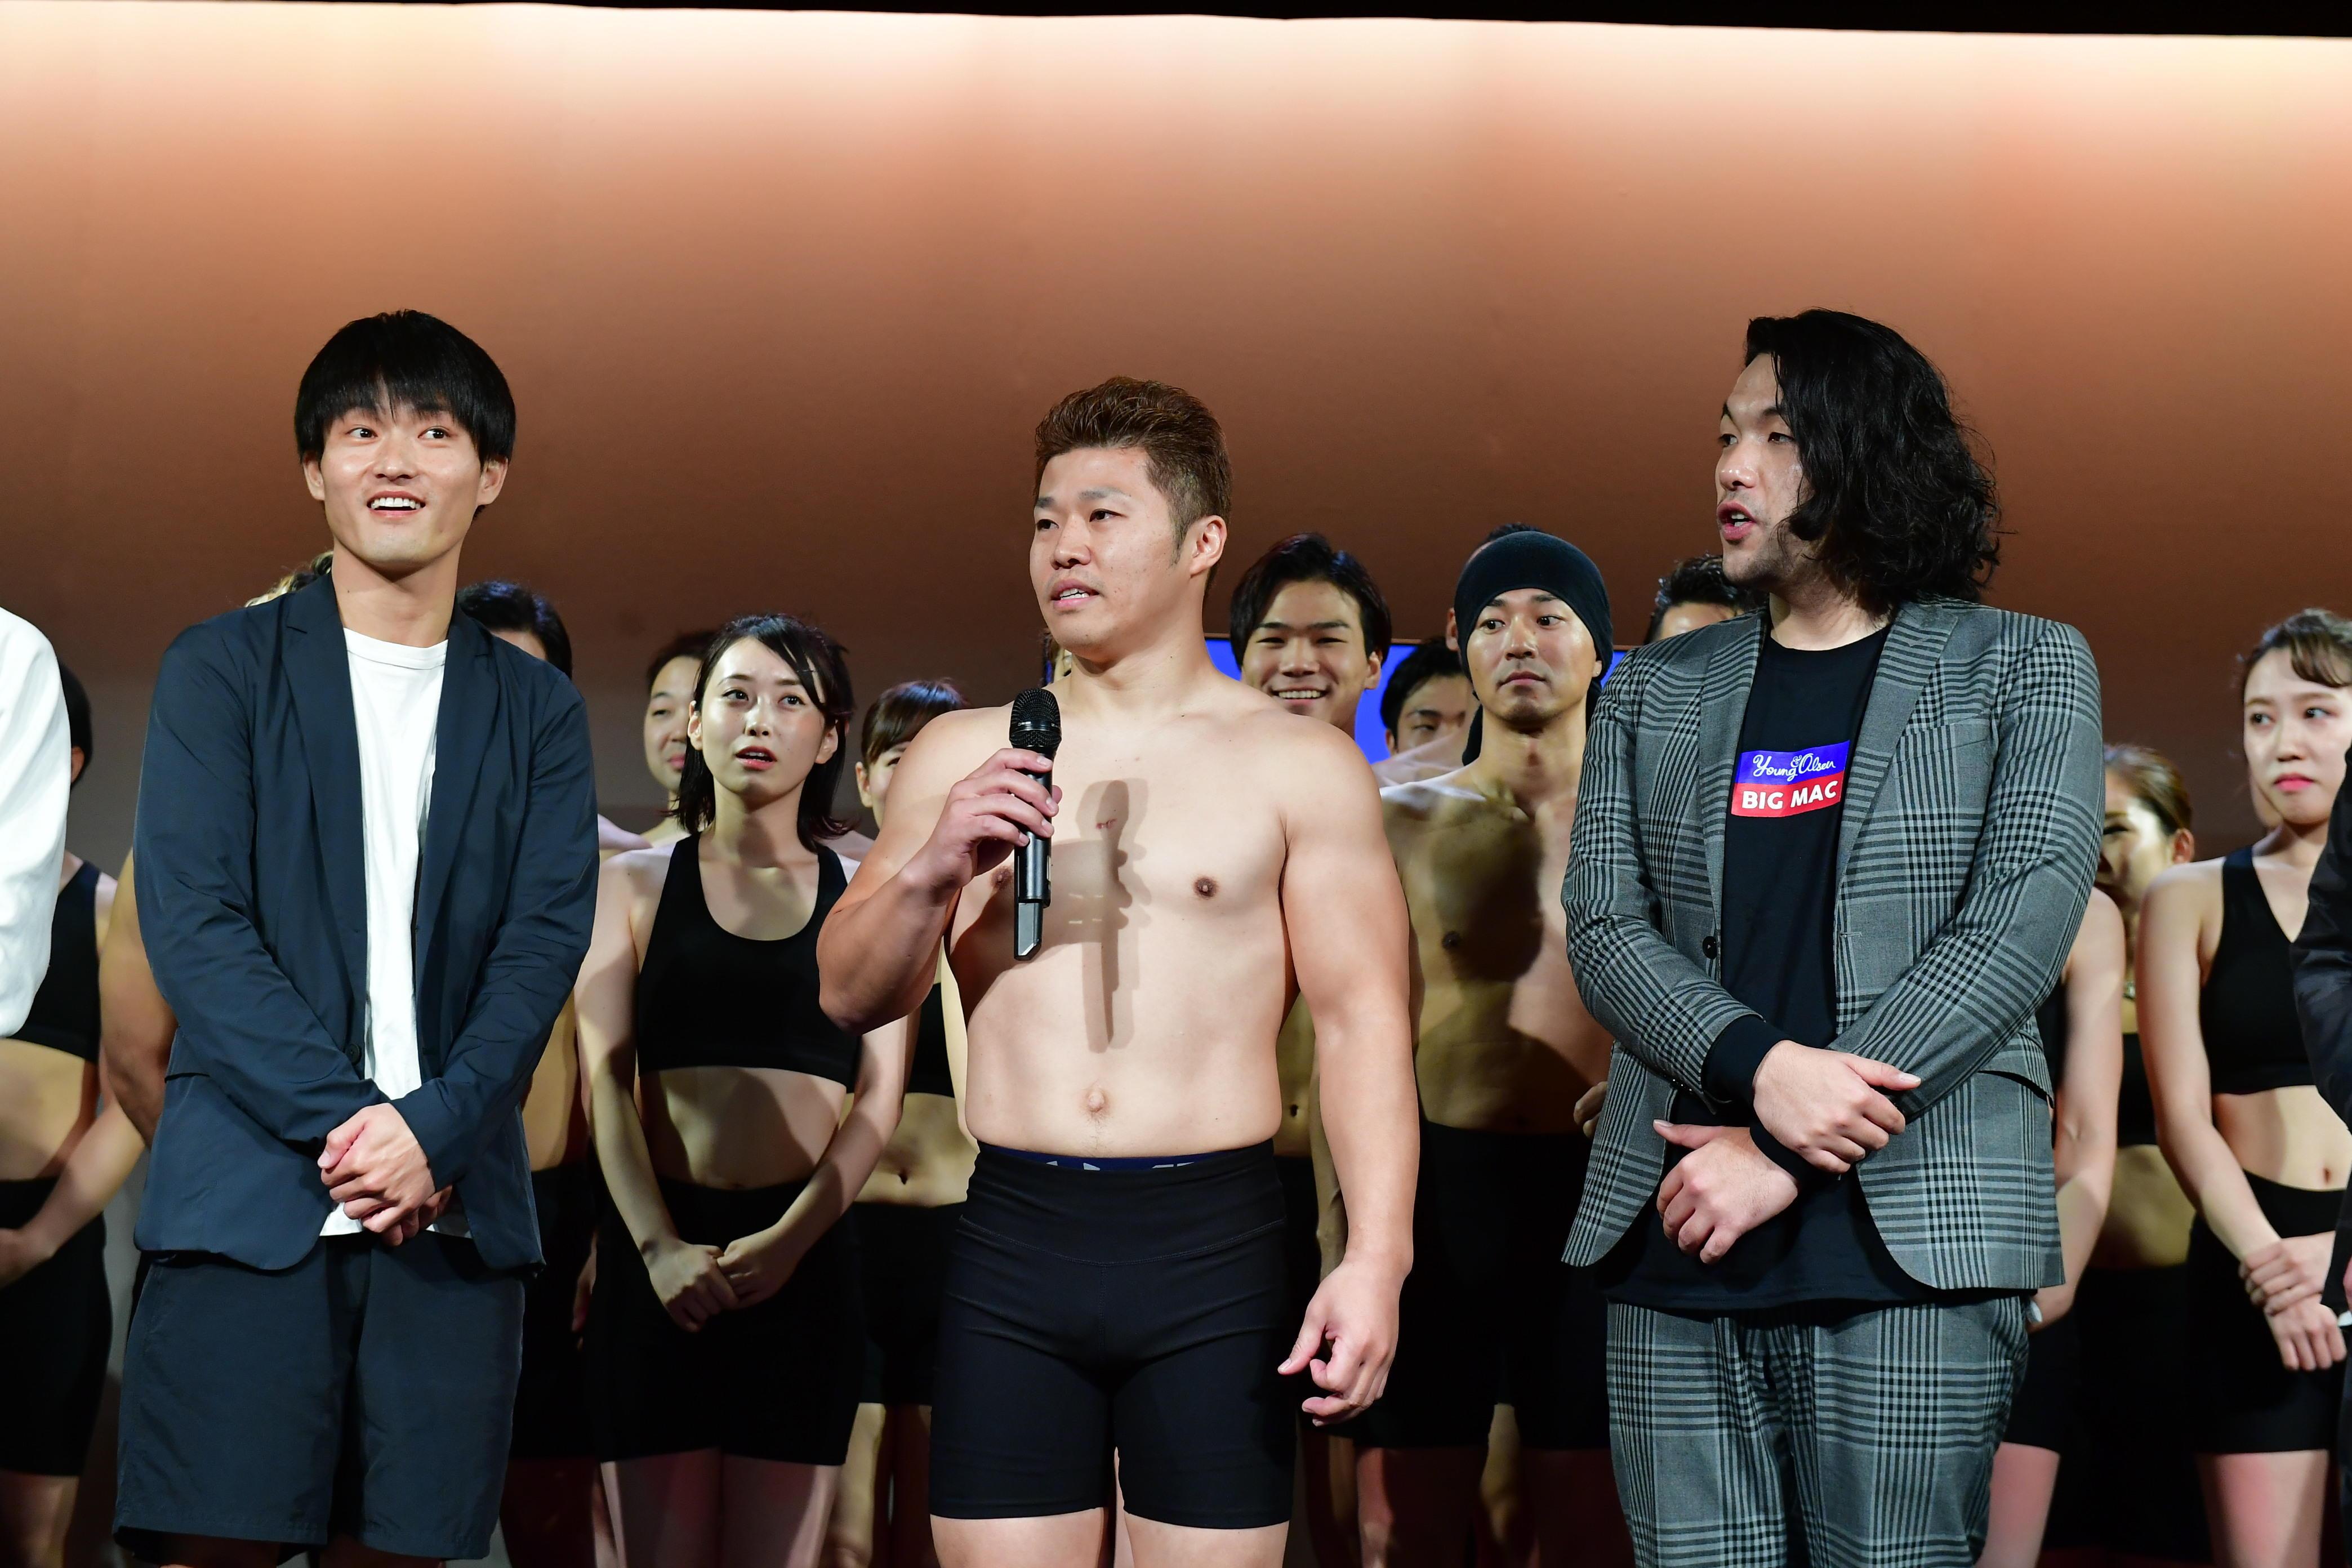 http://news.yoshimoto.co.jp/20181206204604-e181b145c21deb0f6c9de236bef22c5e635e14ac.jpg